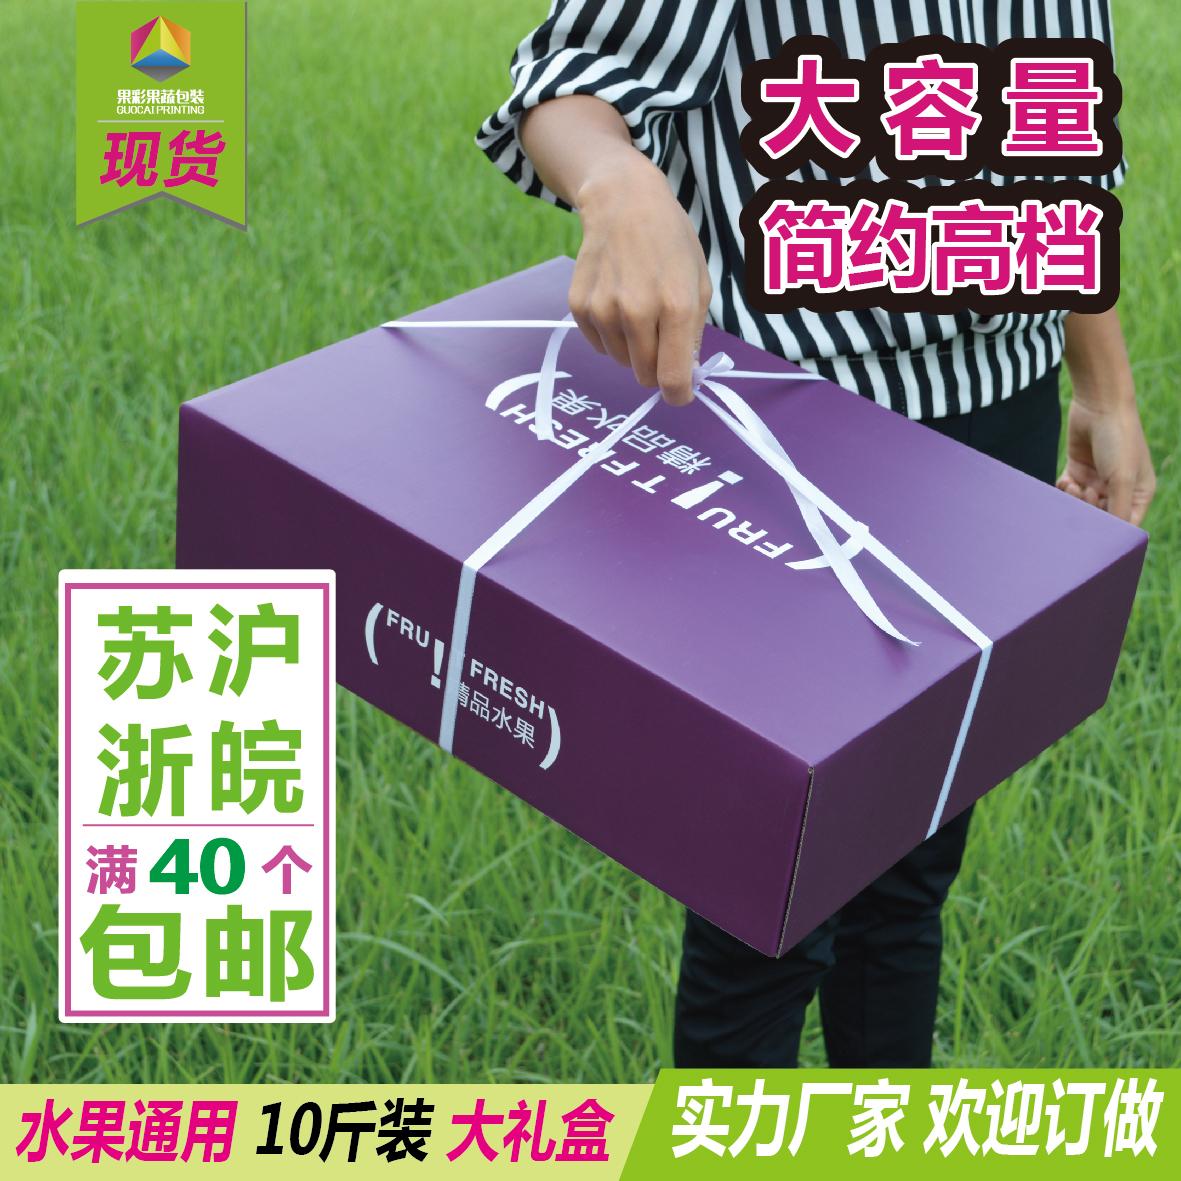 水果礼盒空盒子 通用高档 大号10斤精美设计定做纸箱子包装礼品盒满6.80元可用1元优惠券